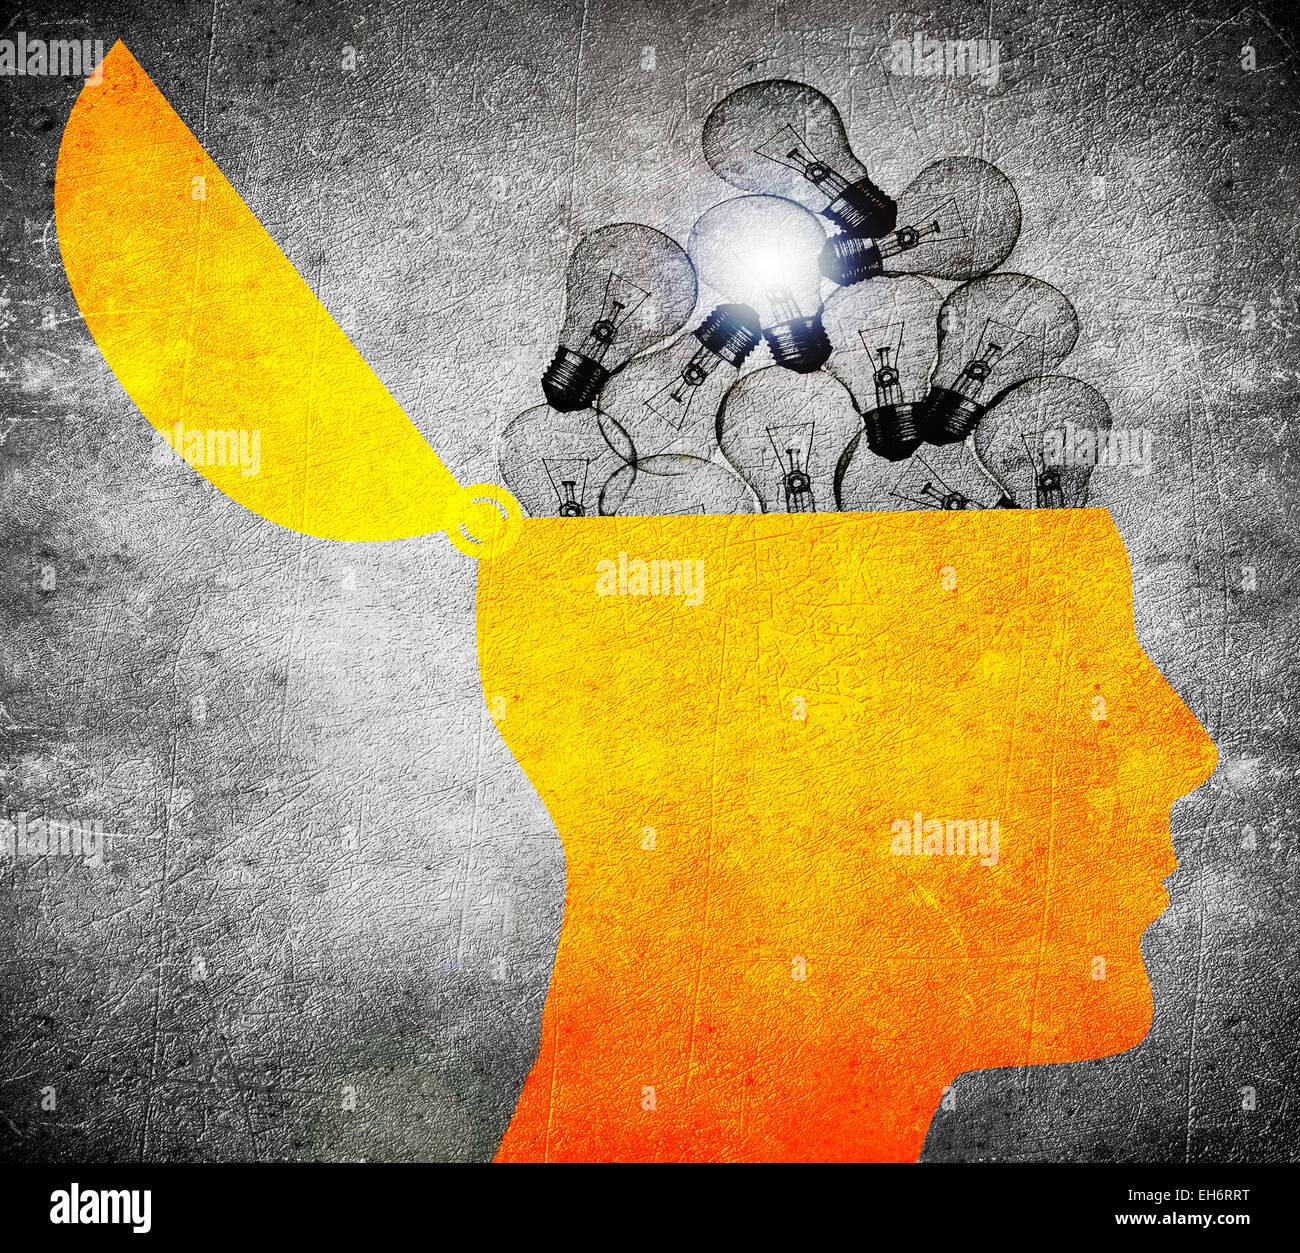 Kopf mit Glühbirnen digitale illustration Stockbild